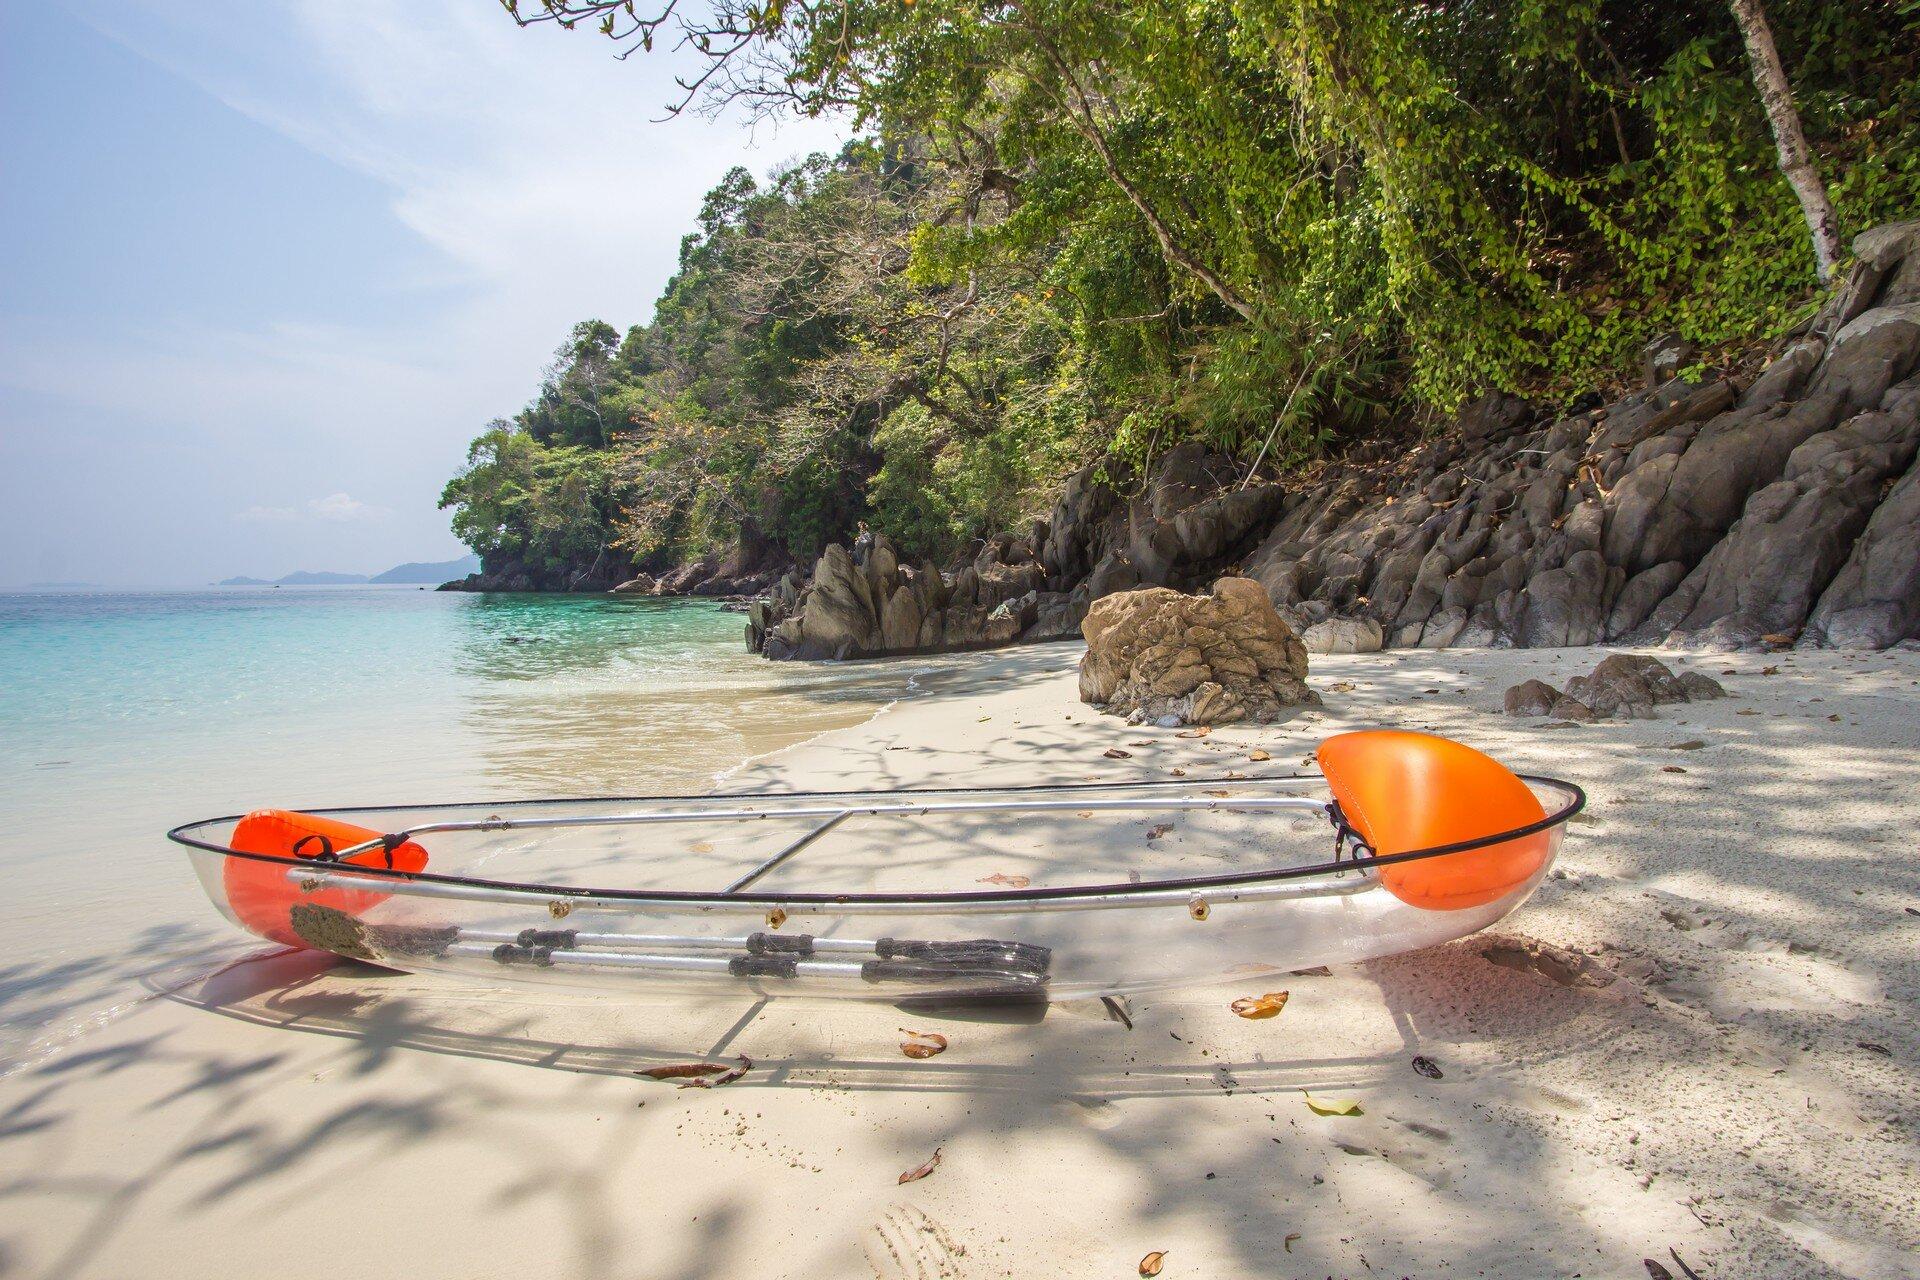 La réunion insolite en kayak